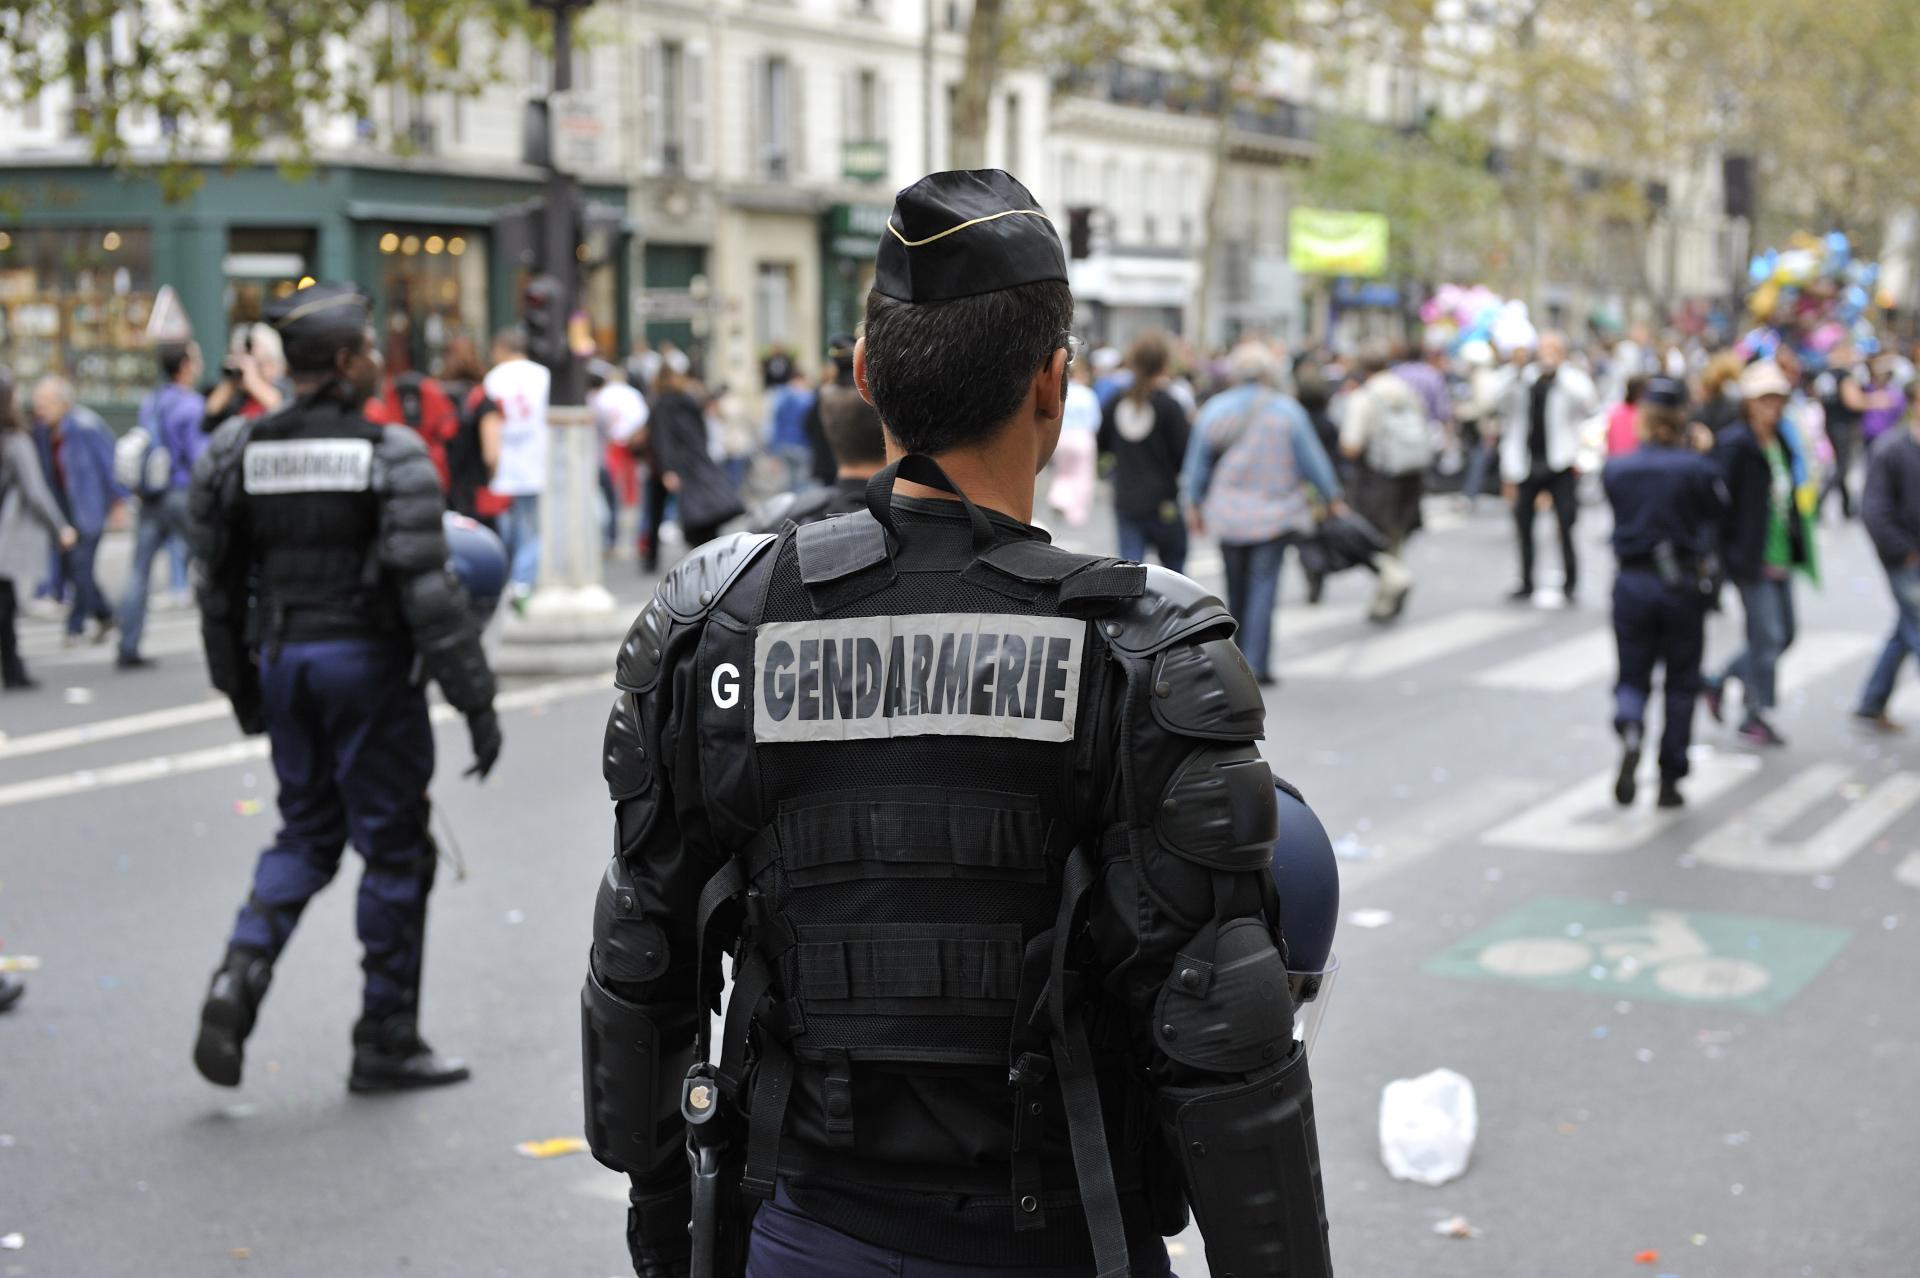 En 2020, dix gendarmes se sont suicidés. Un chiffre en baisse depuis 2018. Crédit : CC BY-SA 2.0 par Rog01.